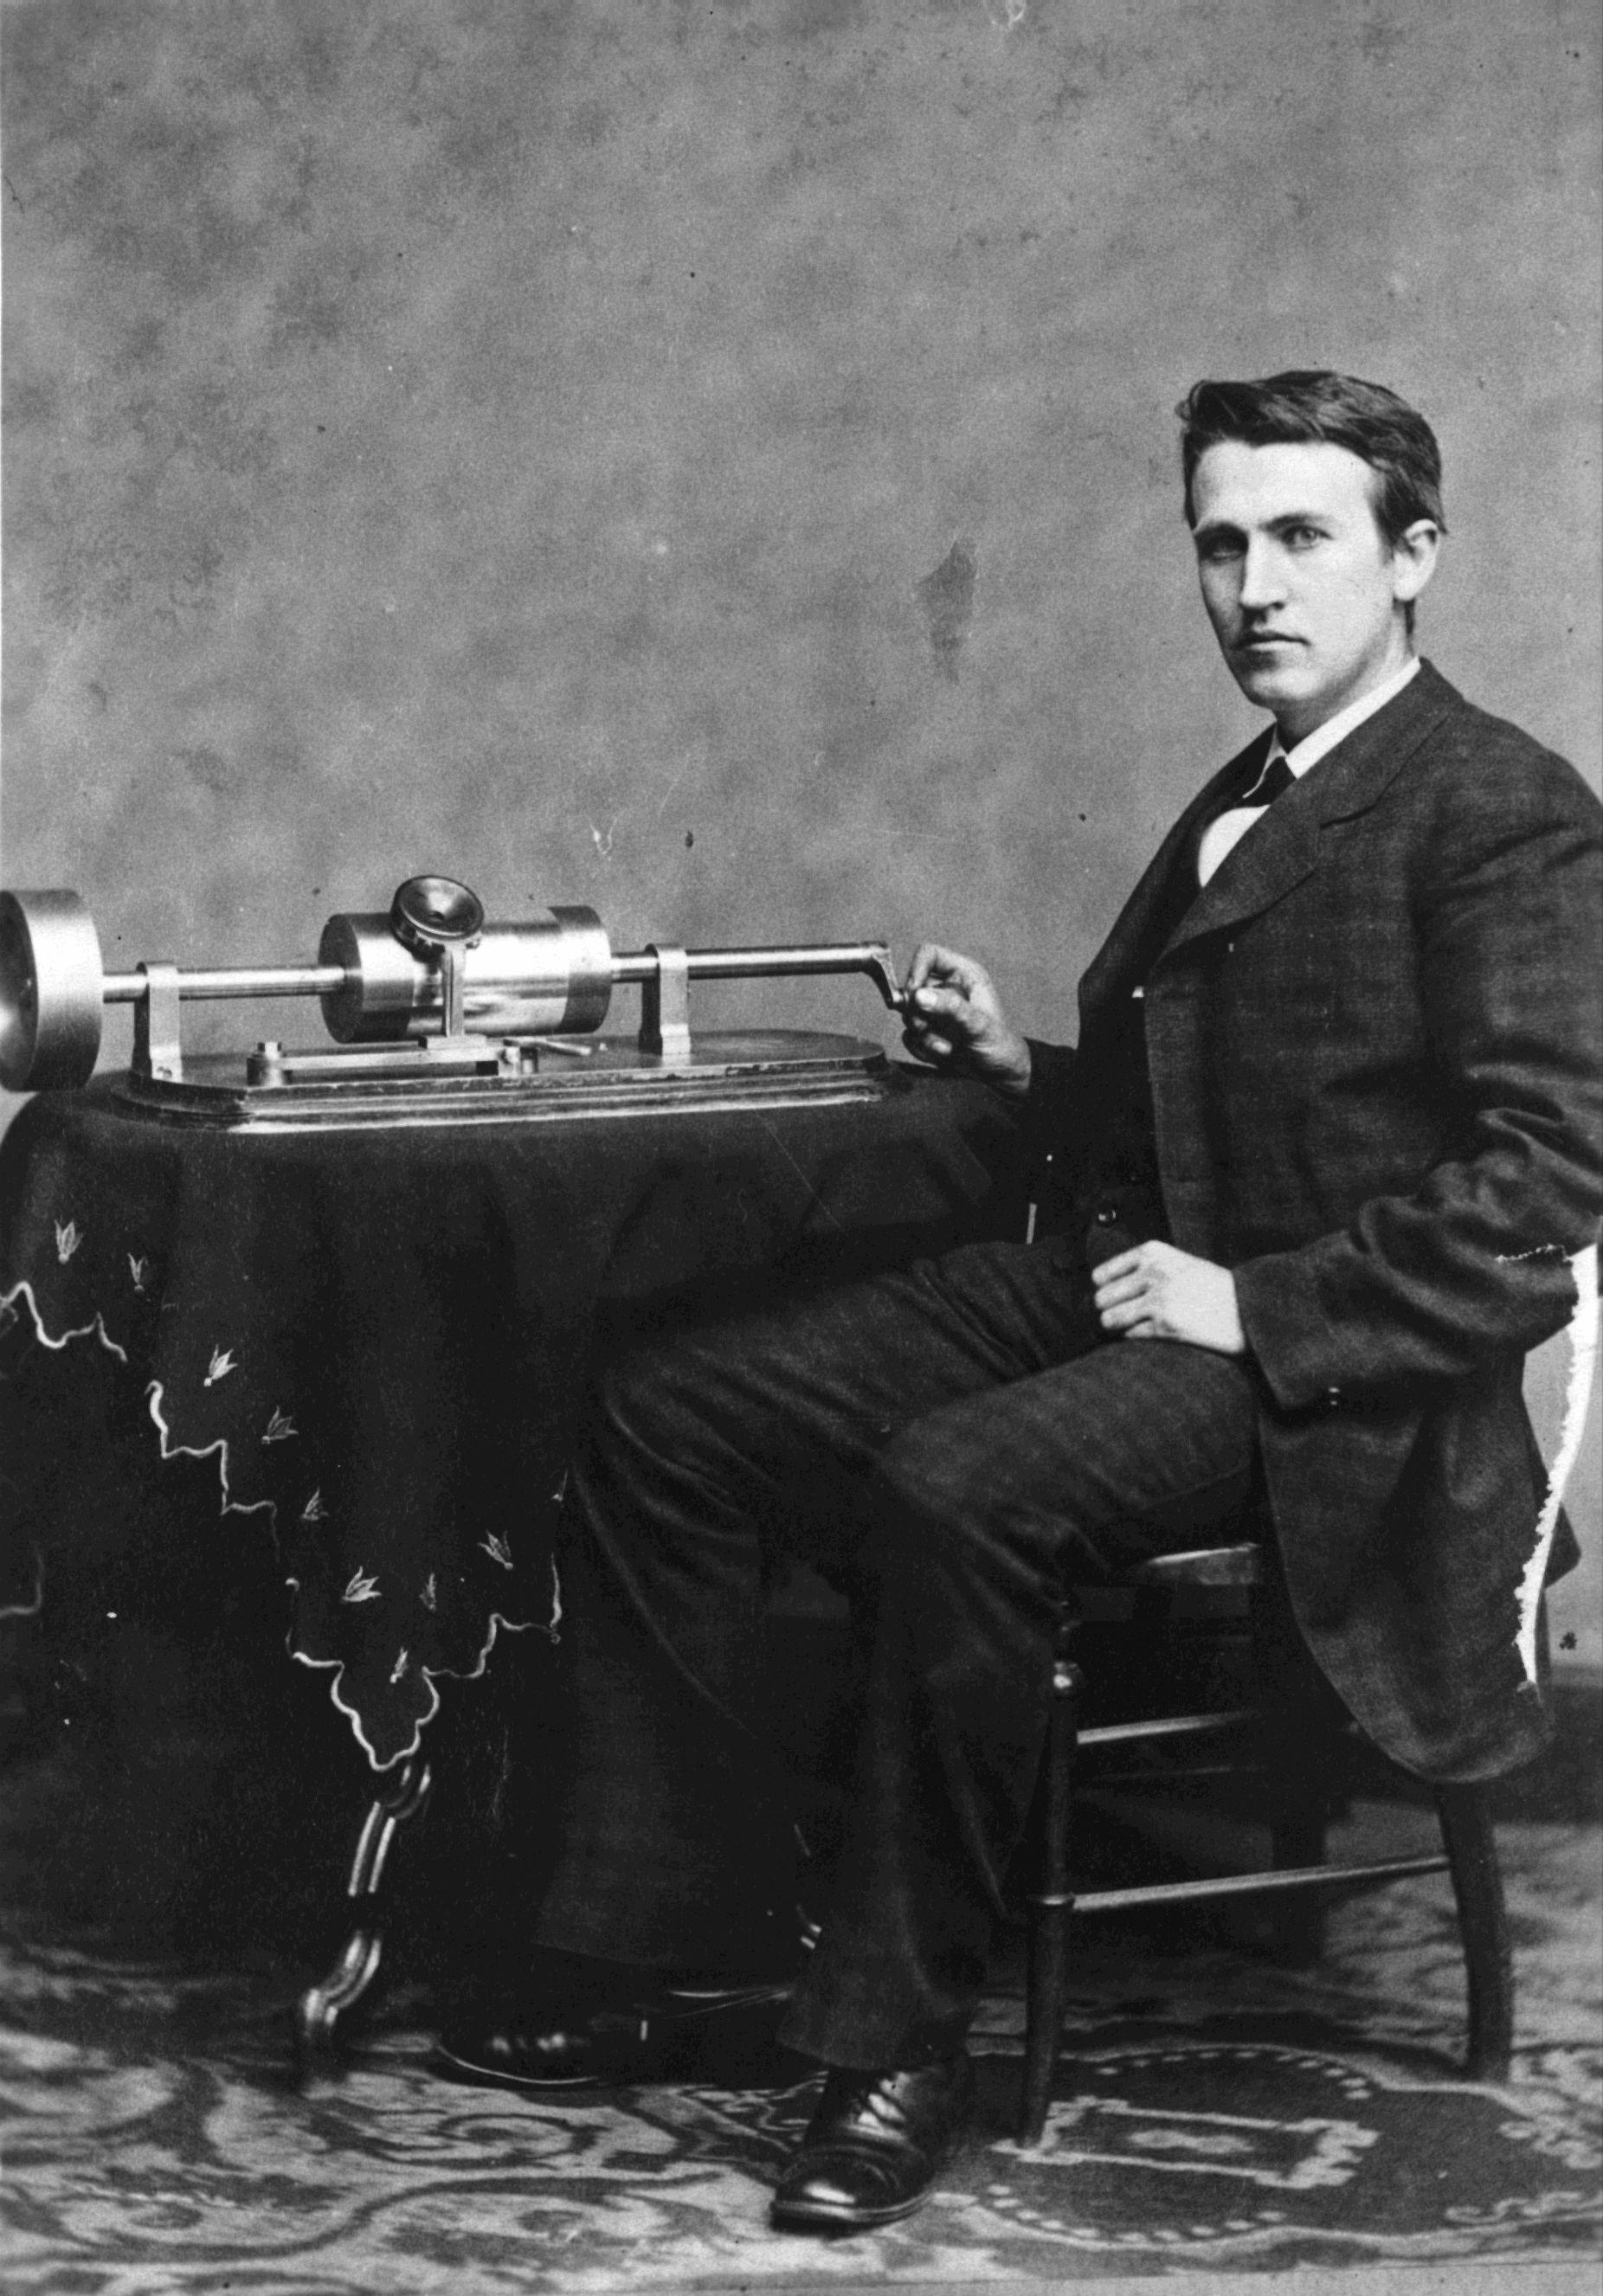 Thomas Edison Talking Book